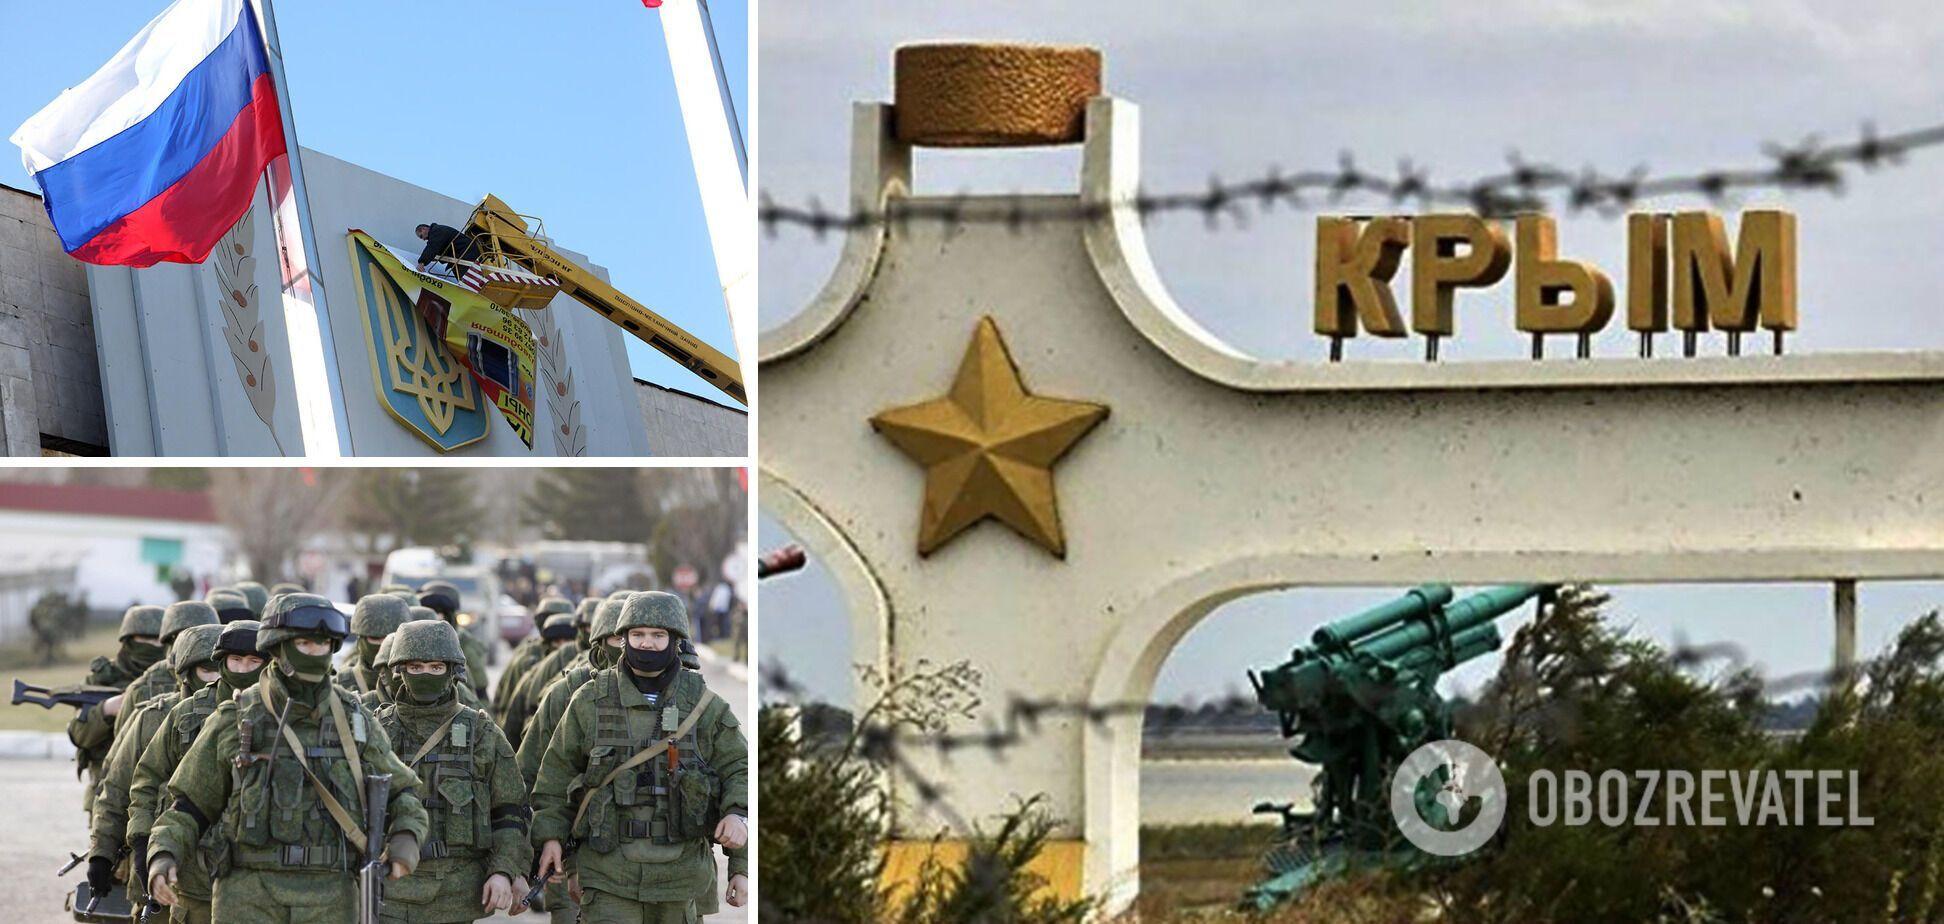 Из оккупированного Крыма – свободным украинцам: я знаю, как вам там хорошо. Я это помню